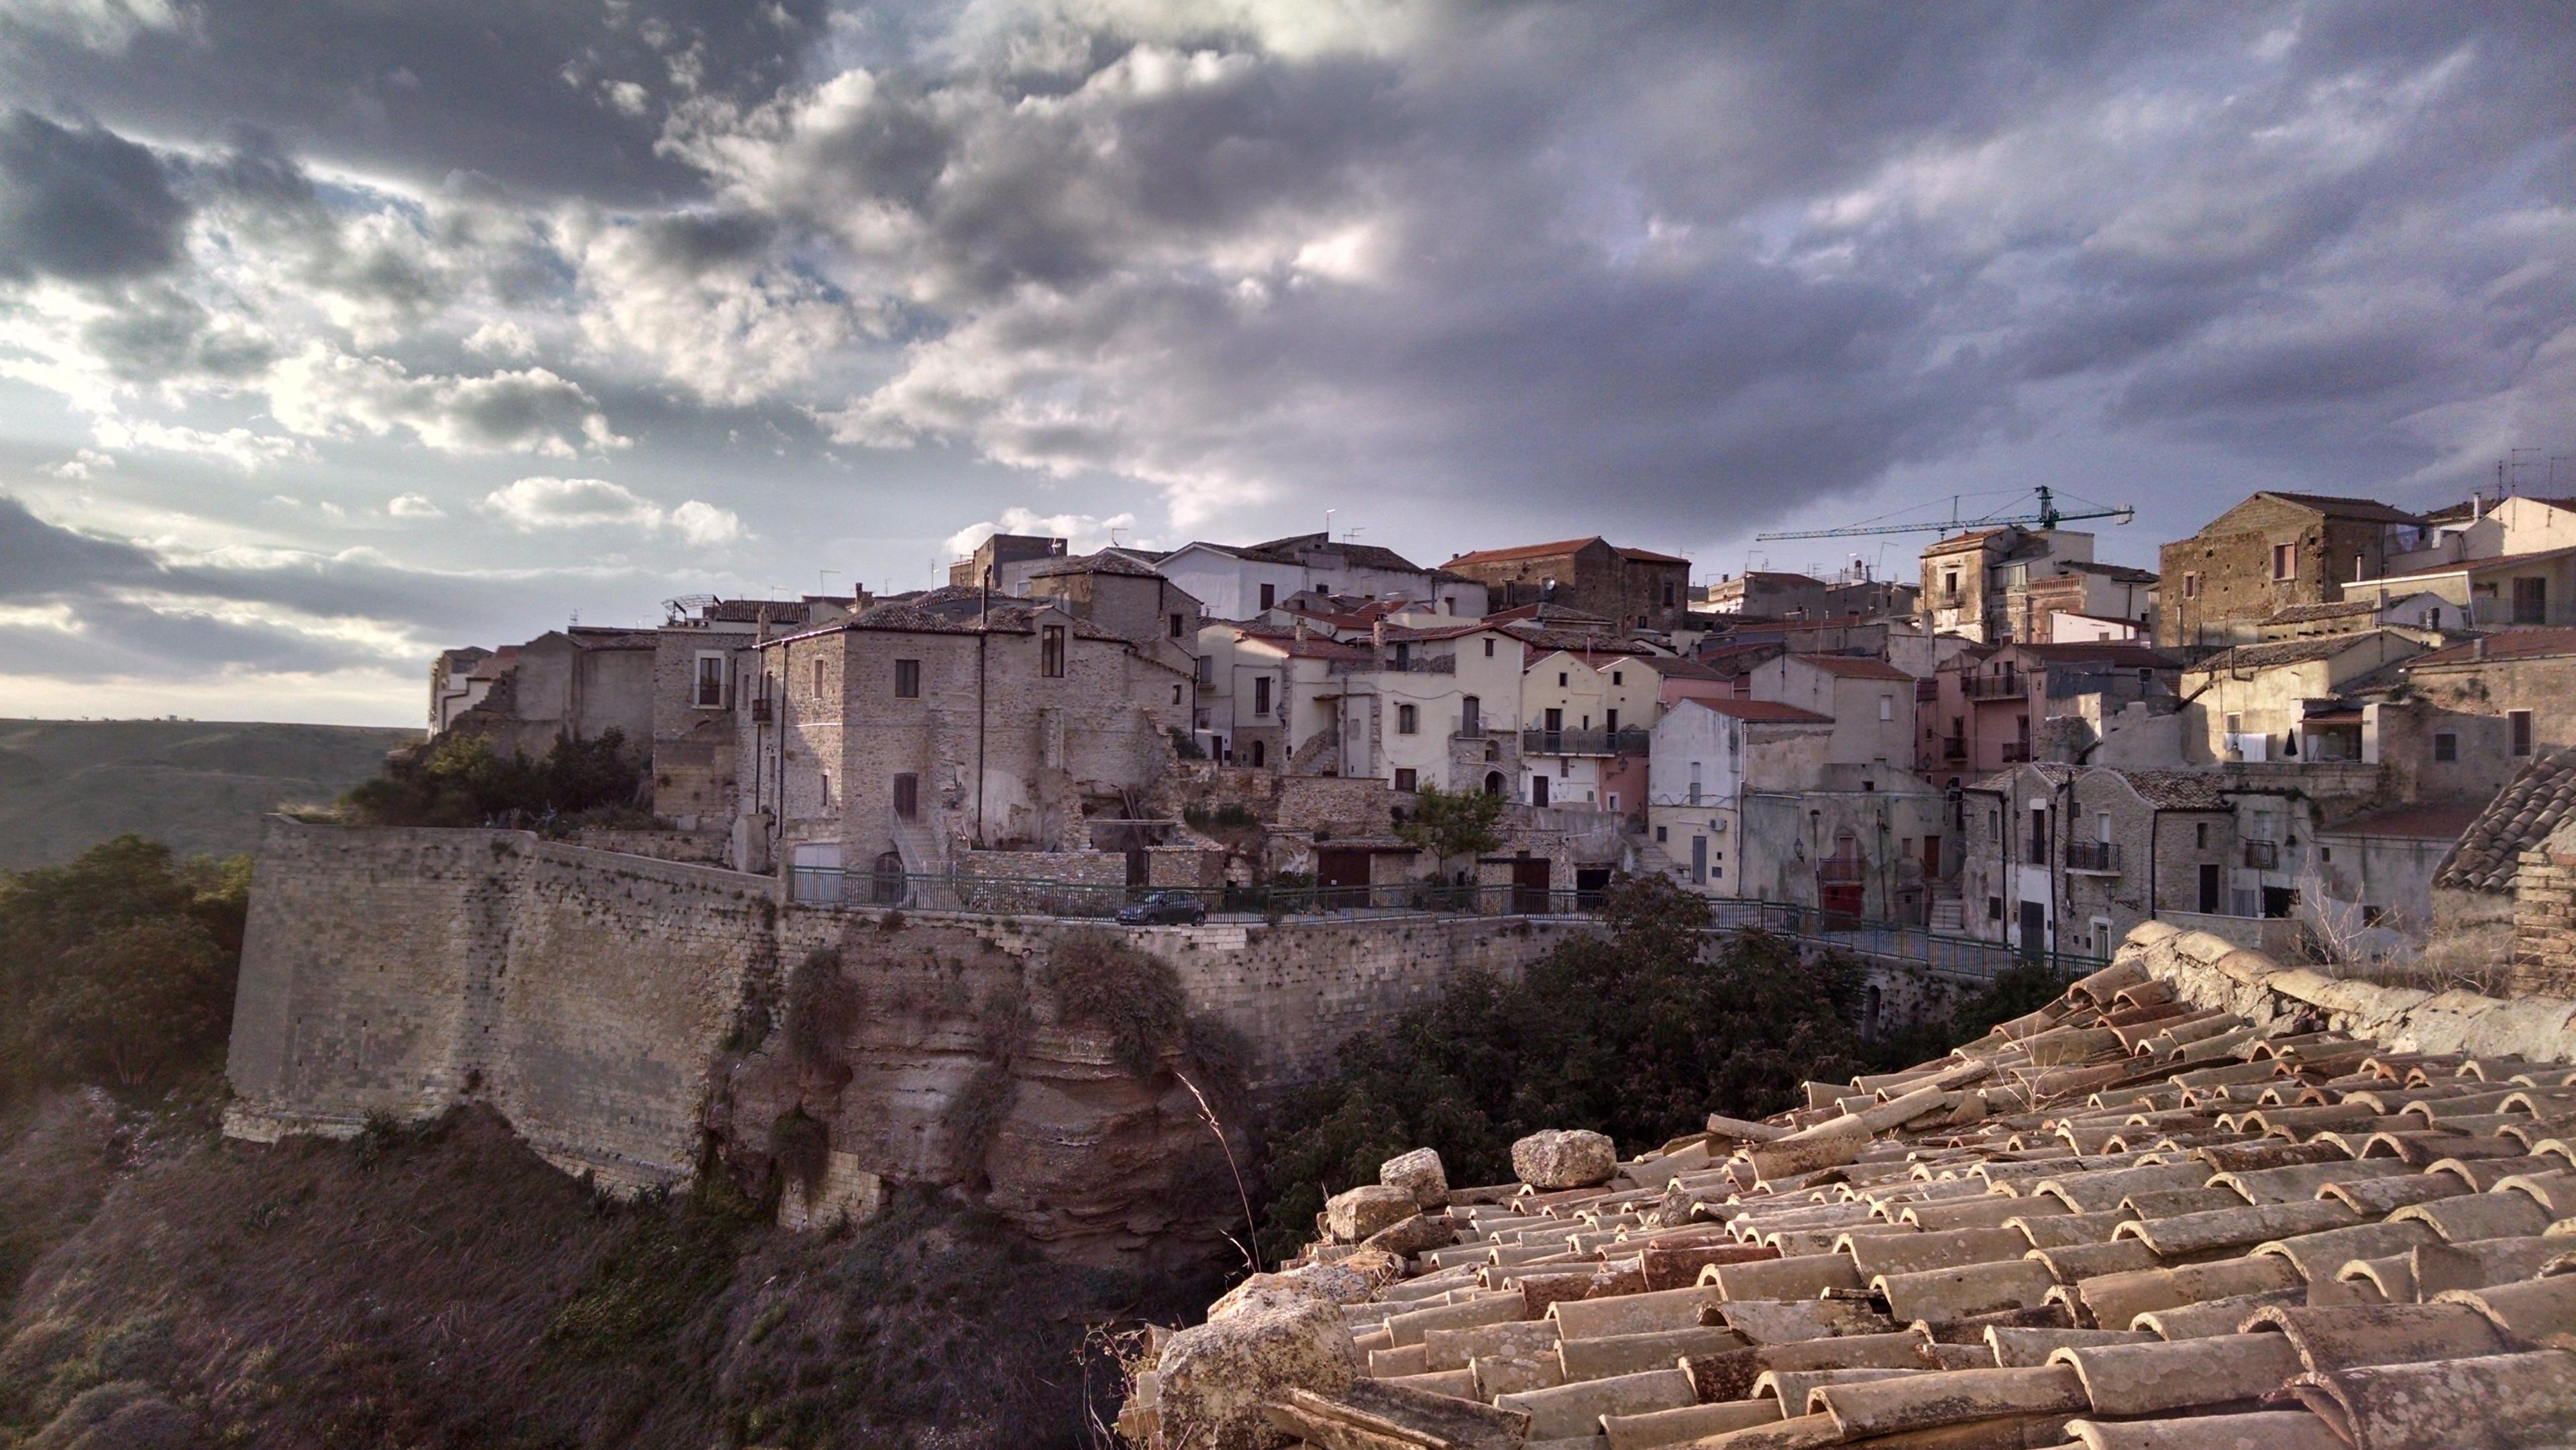 Irsina, Basilicata, Italy